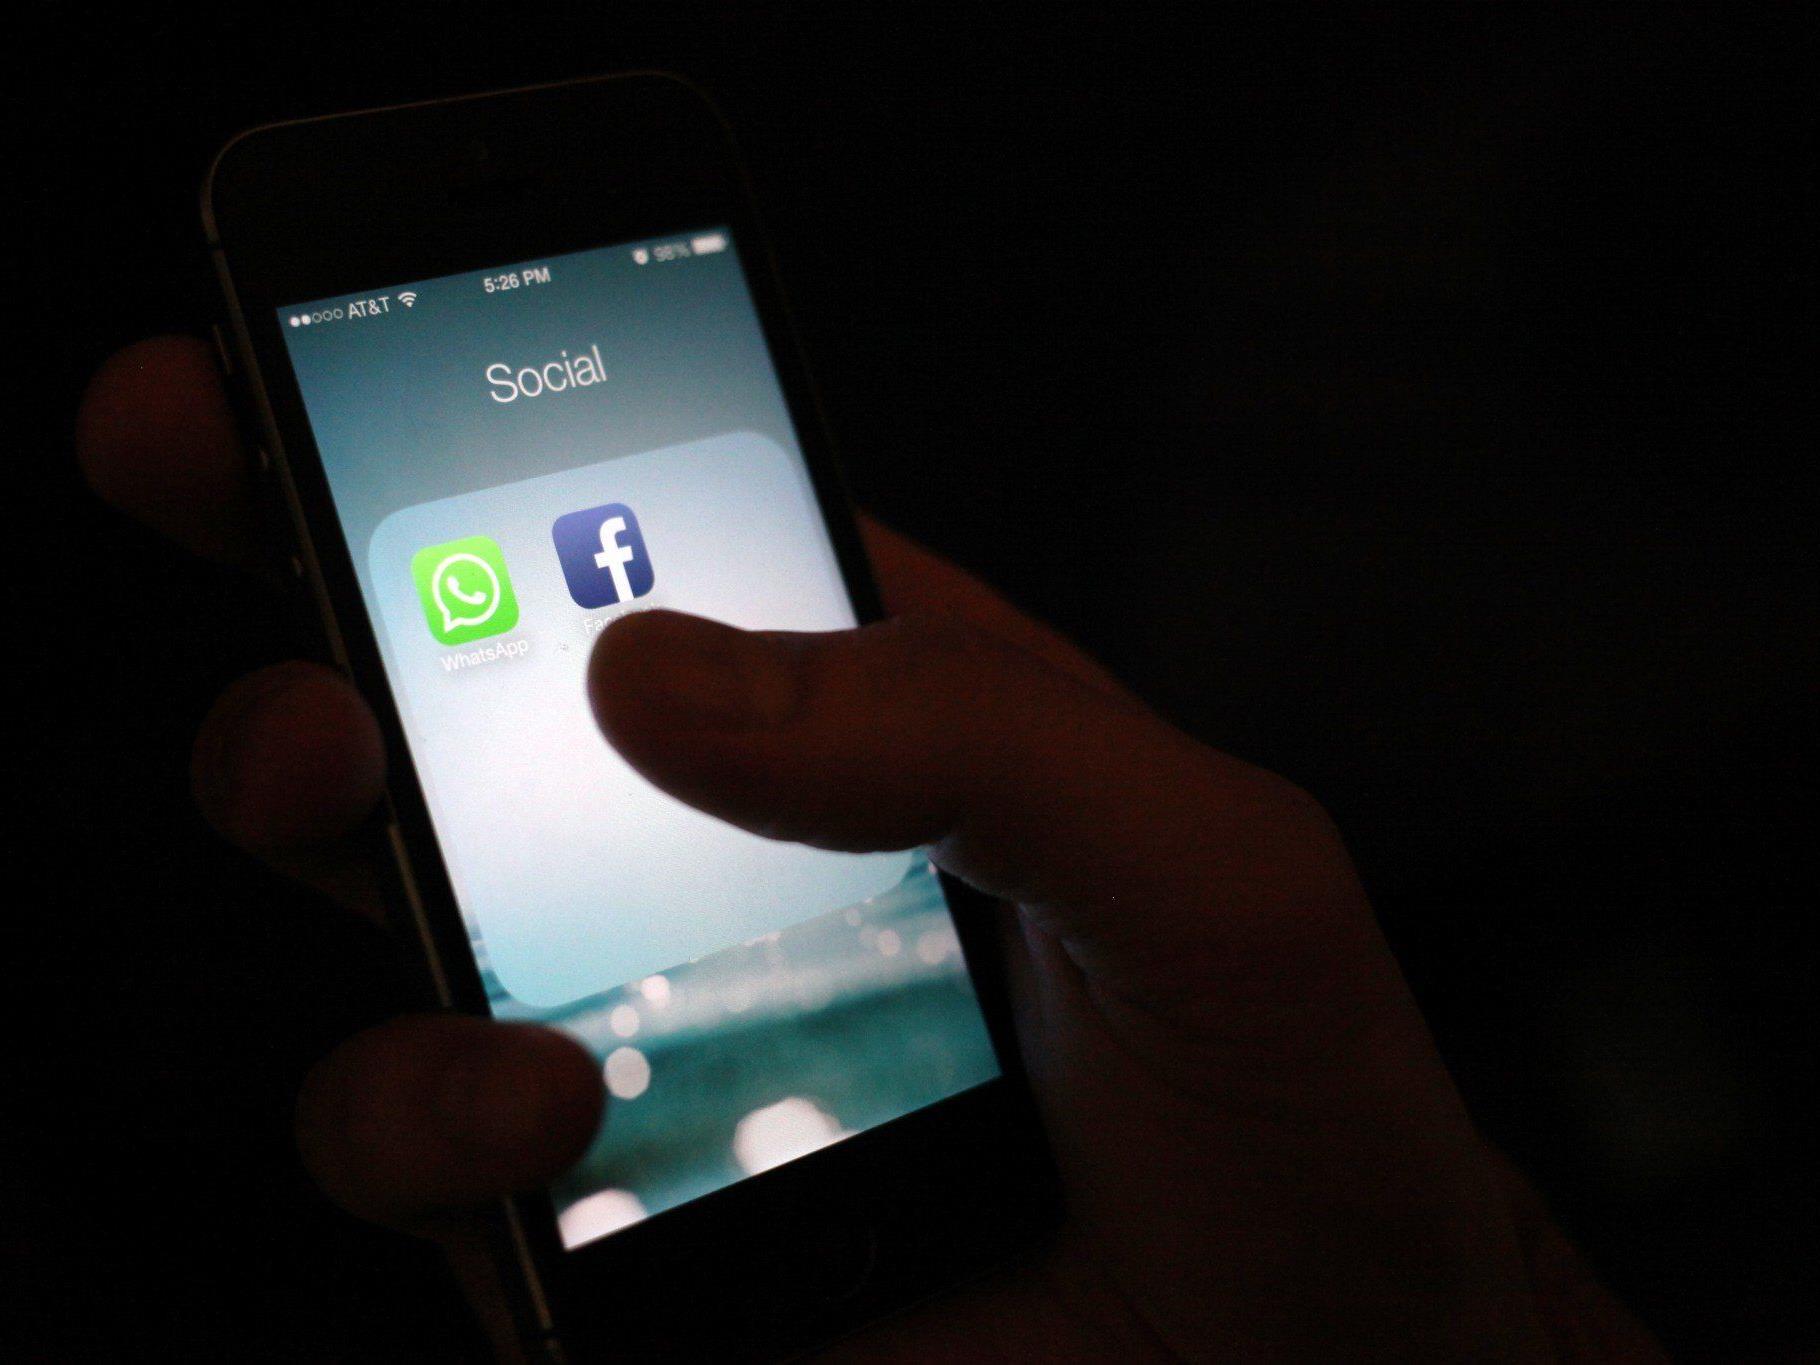 Facebook kauft WhatsApp: Vier Mrd. Dollar in Bar, Rest in Aktien.